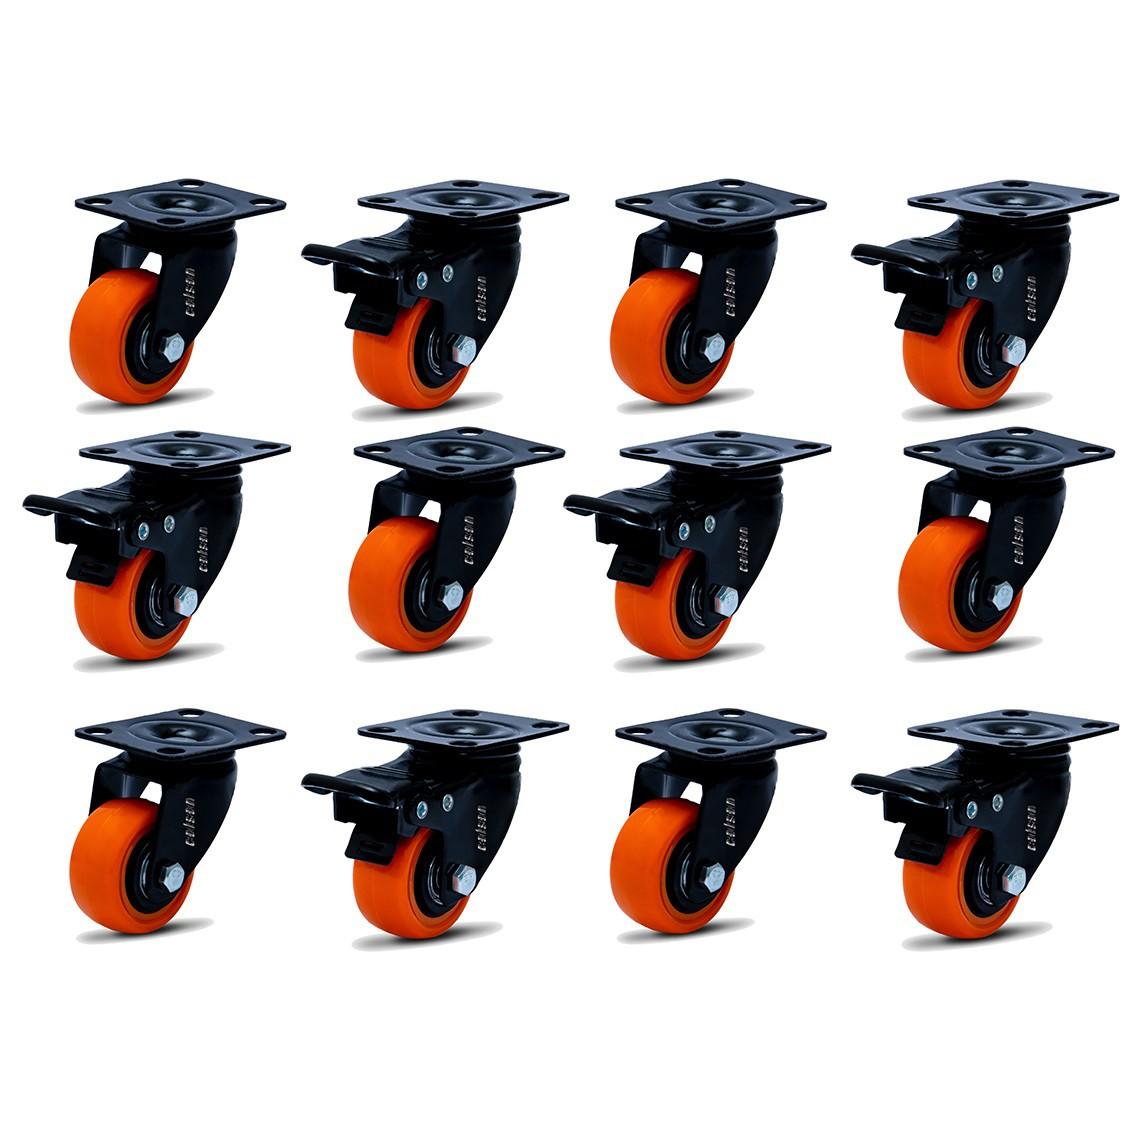 12 Roda Rodinha Giratória Black Lar Rodízio Móveis 41mm 360kg